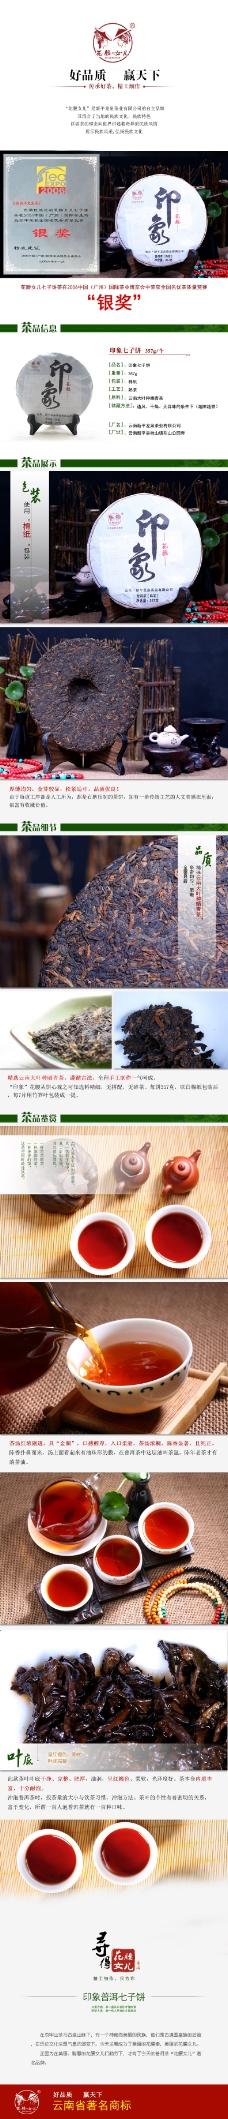 茶叶淘宝详情页